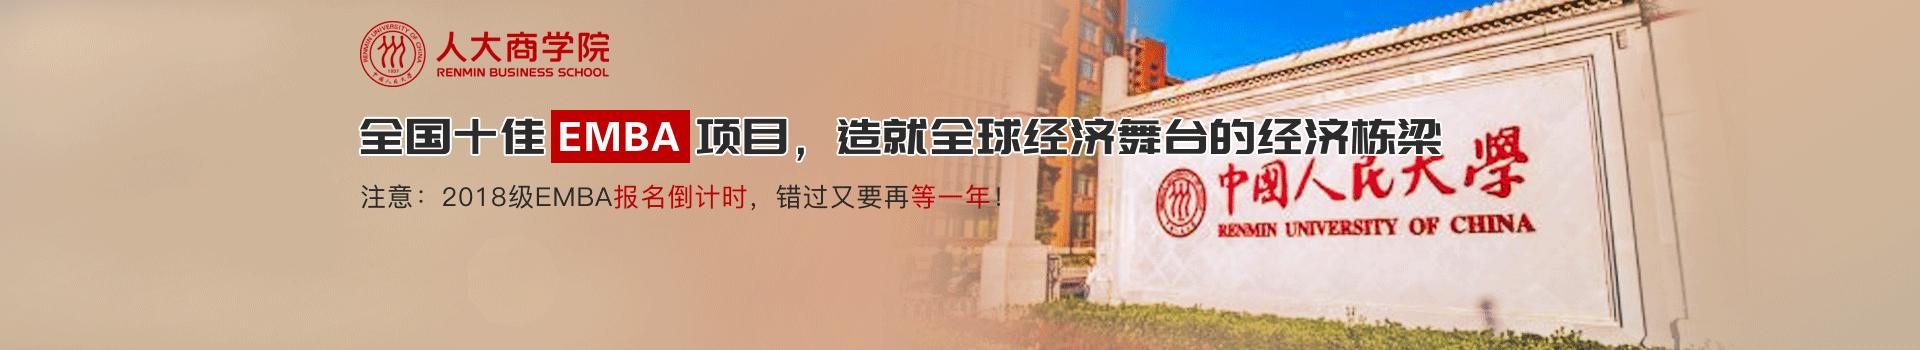 中国人民大学商学院高级工商管理硕士EMBA招生简章